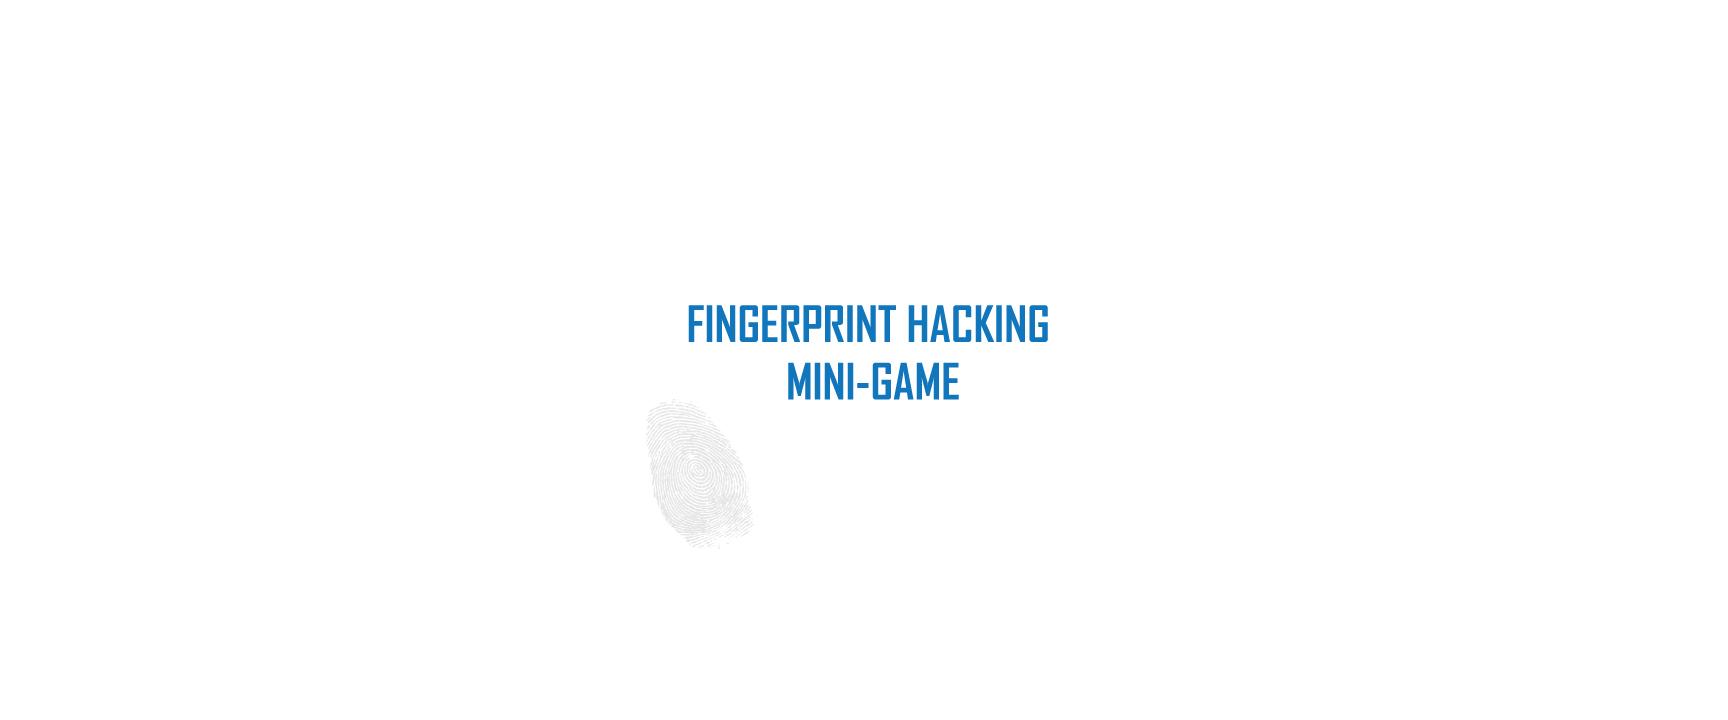 Hacking-Sample-1-Wide.jpg